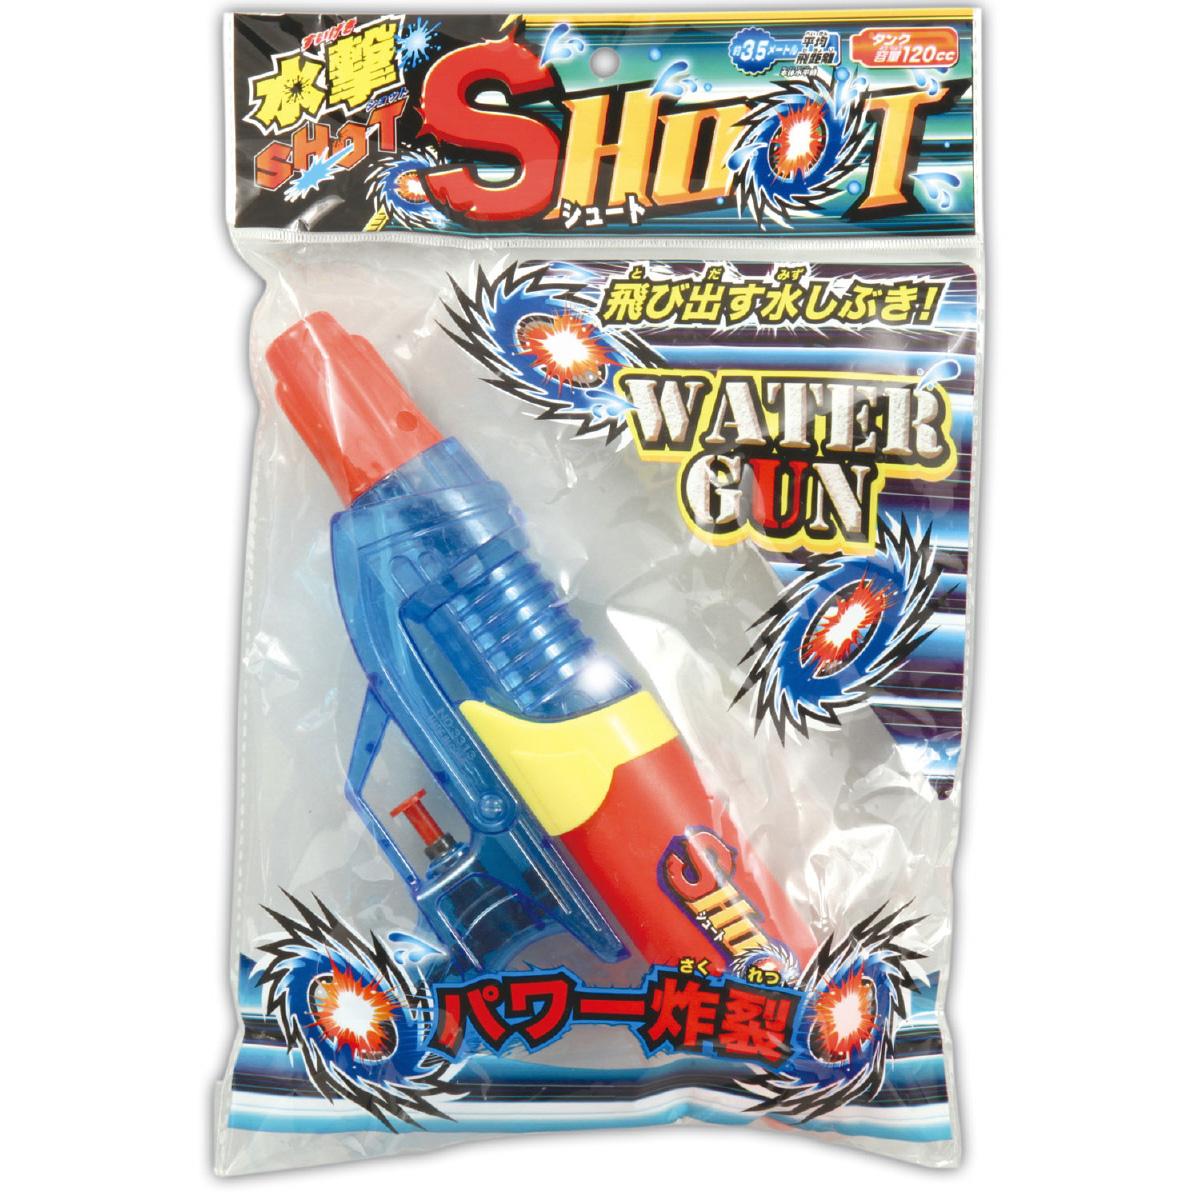 水鉄砲 水撃ショットシュート ウォーターガン おもちゃ キッズ 子供 水鉄砲 水遊び 景品 外遊び 人気